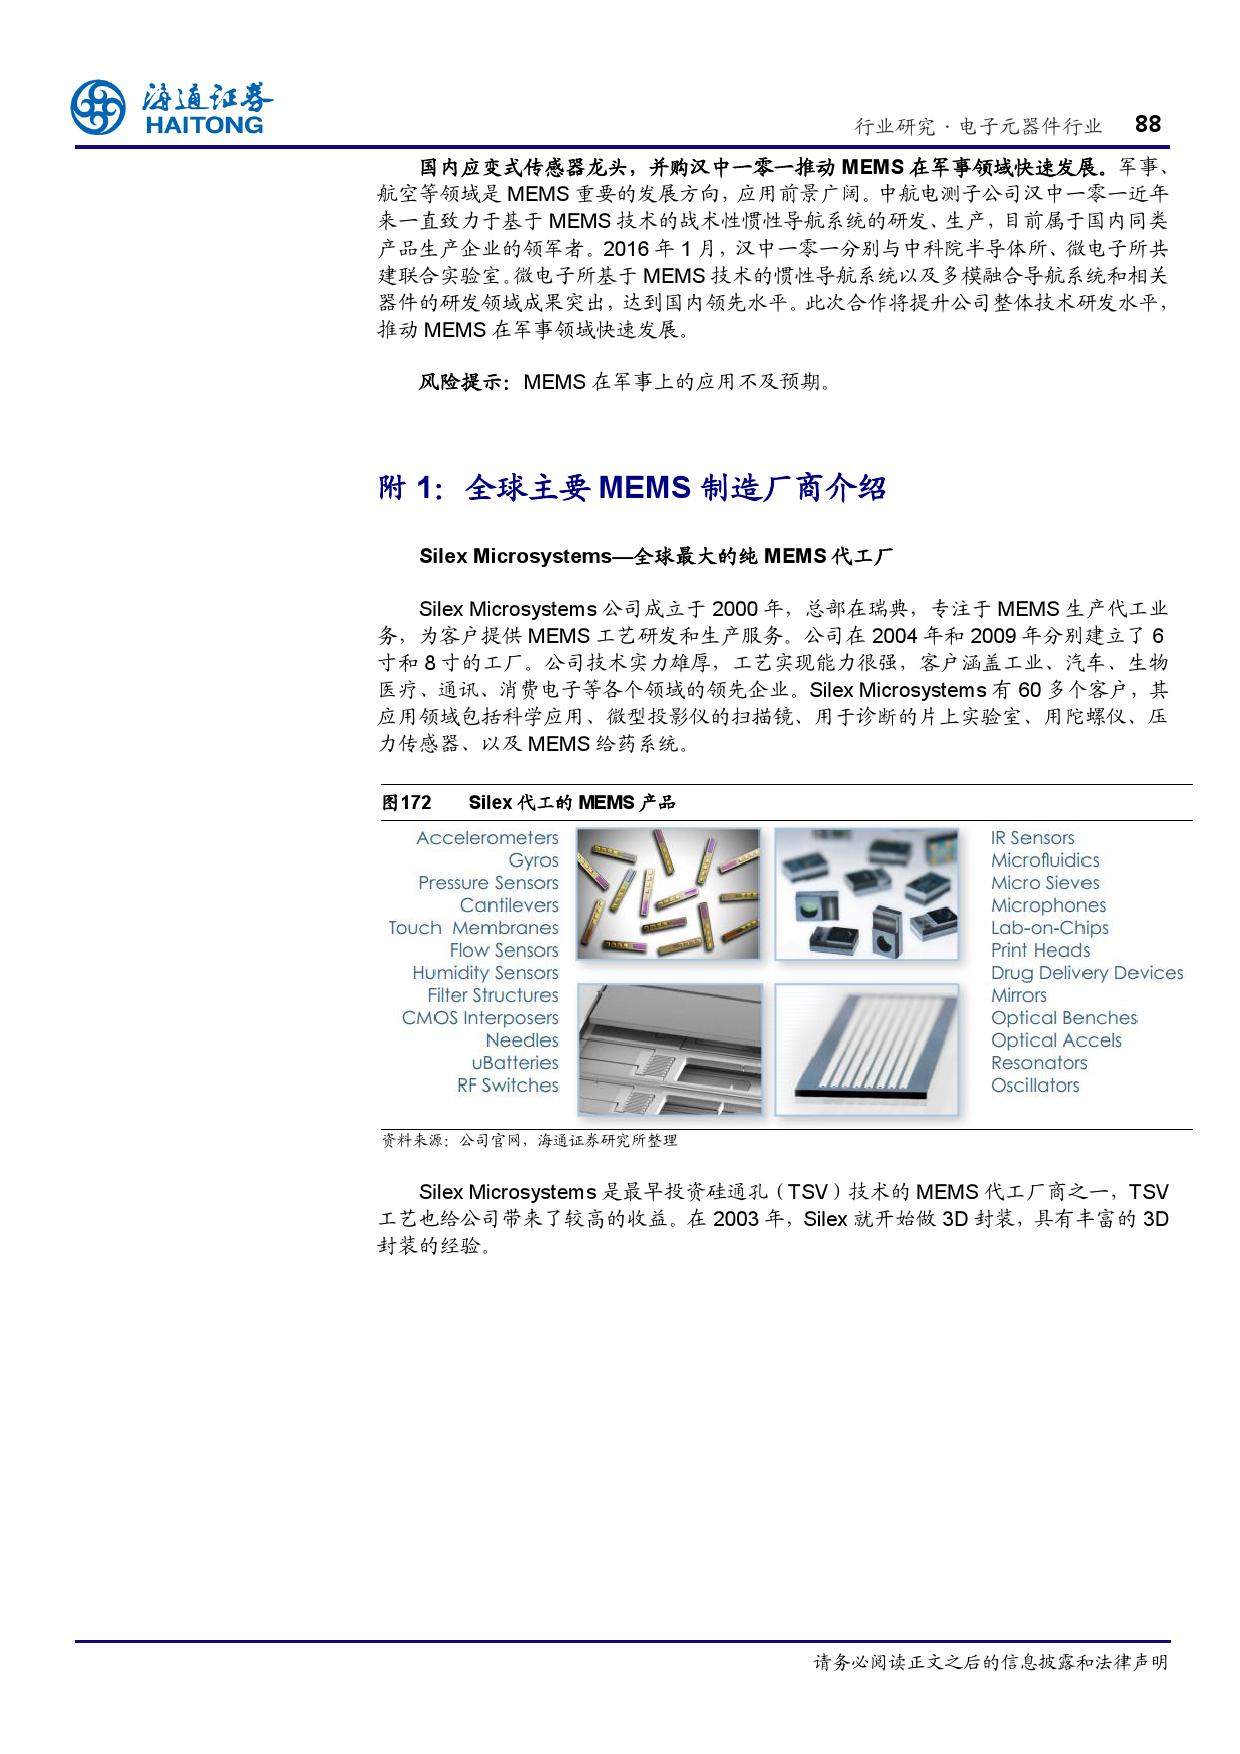 报告全解传感器全球产业链_000088